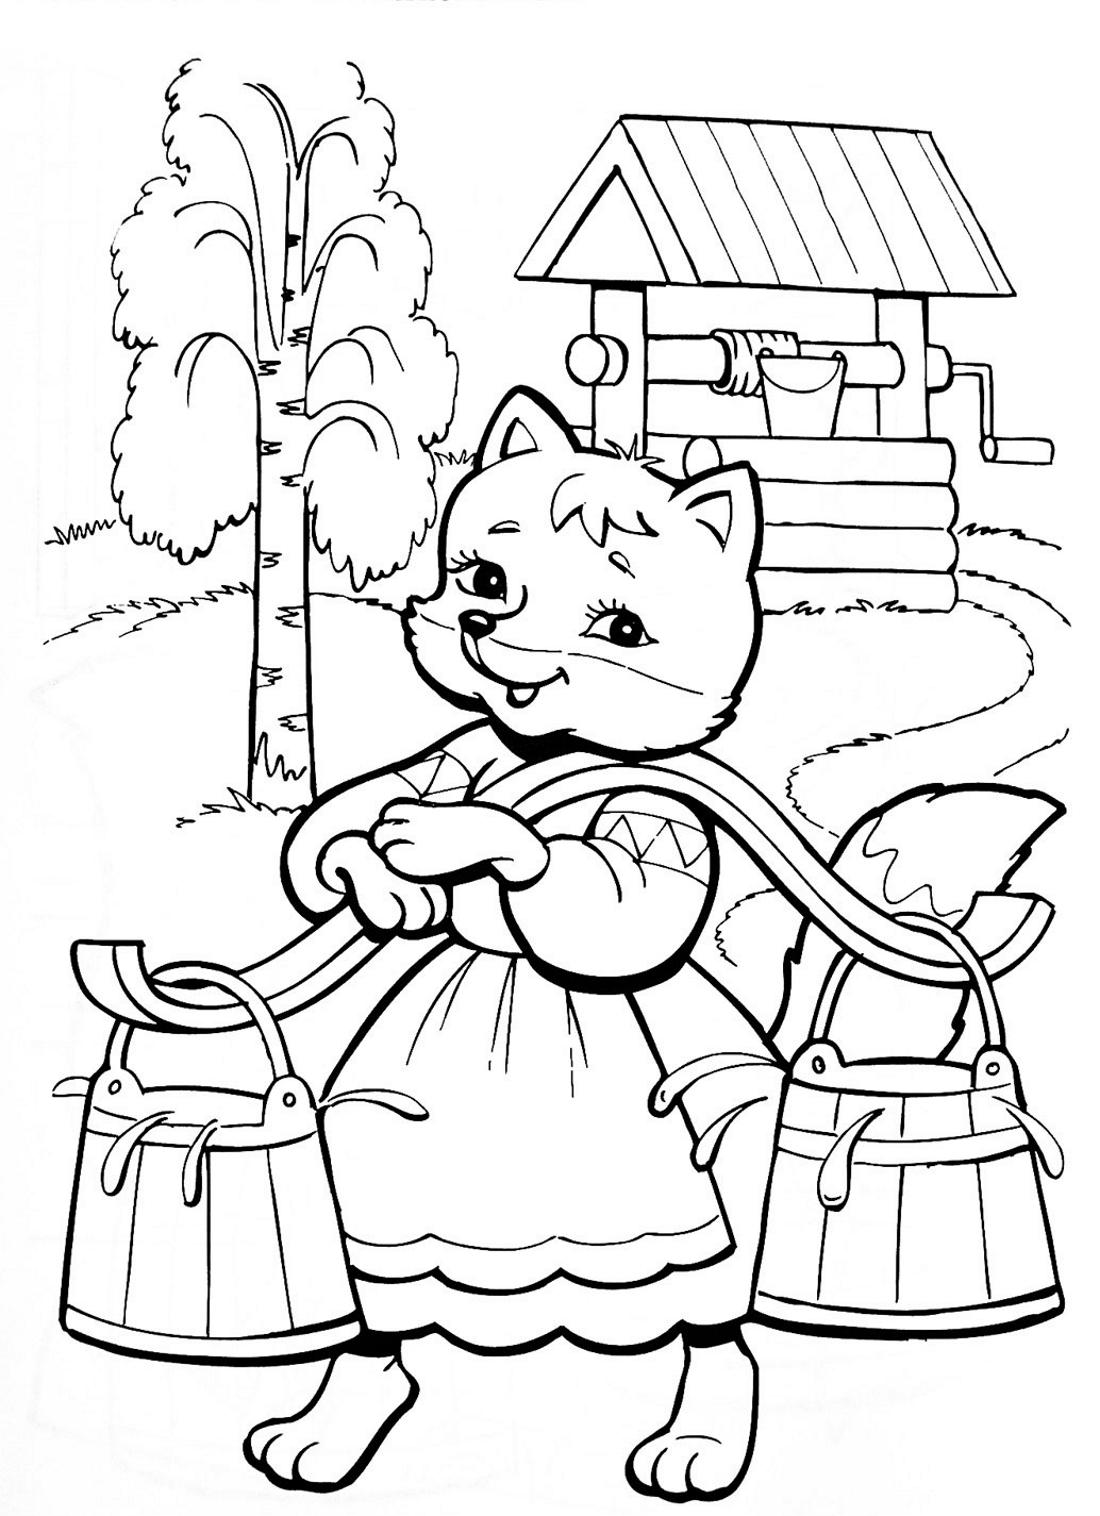 Лиса готовит угощенье журавлю - раскраска №791 | Printonic.ru